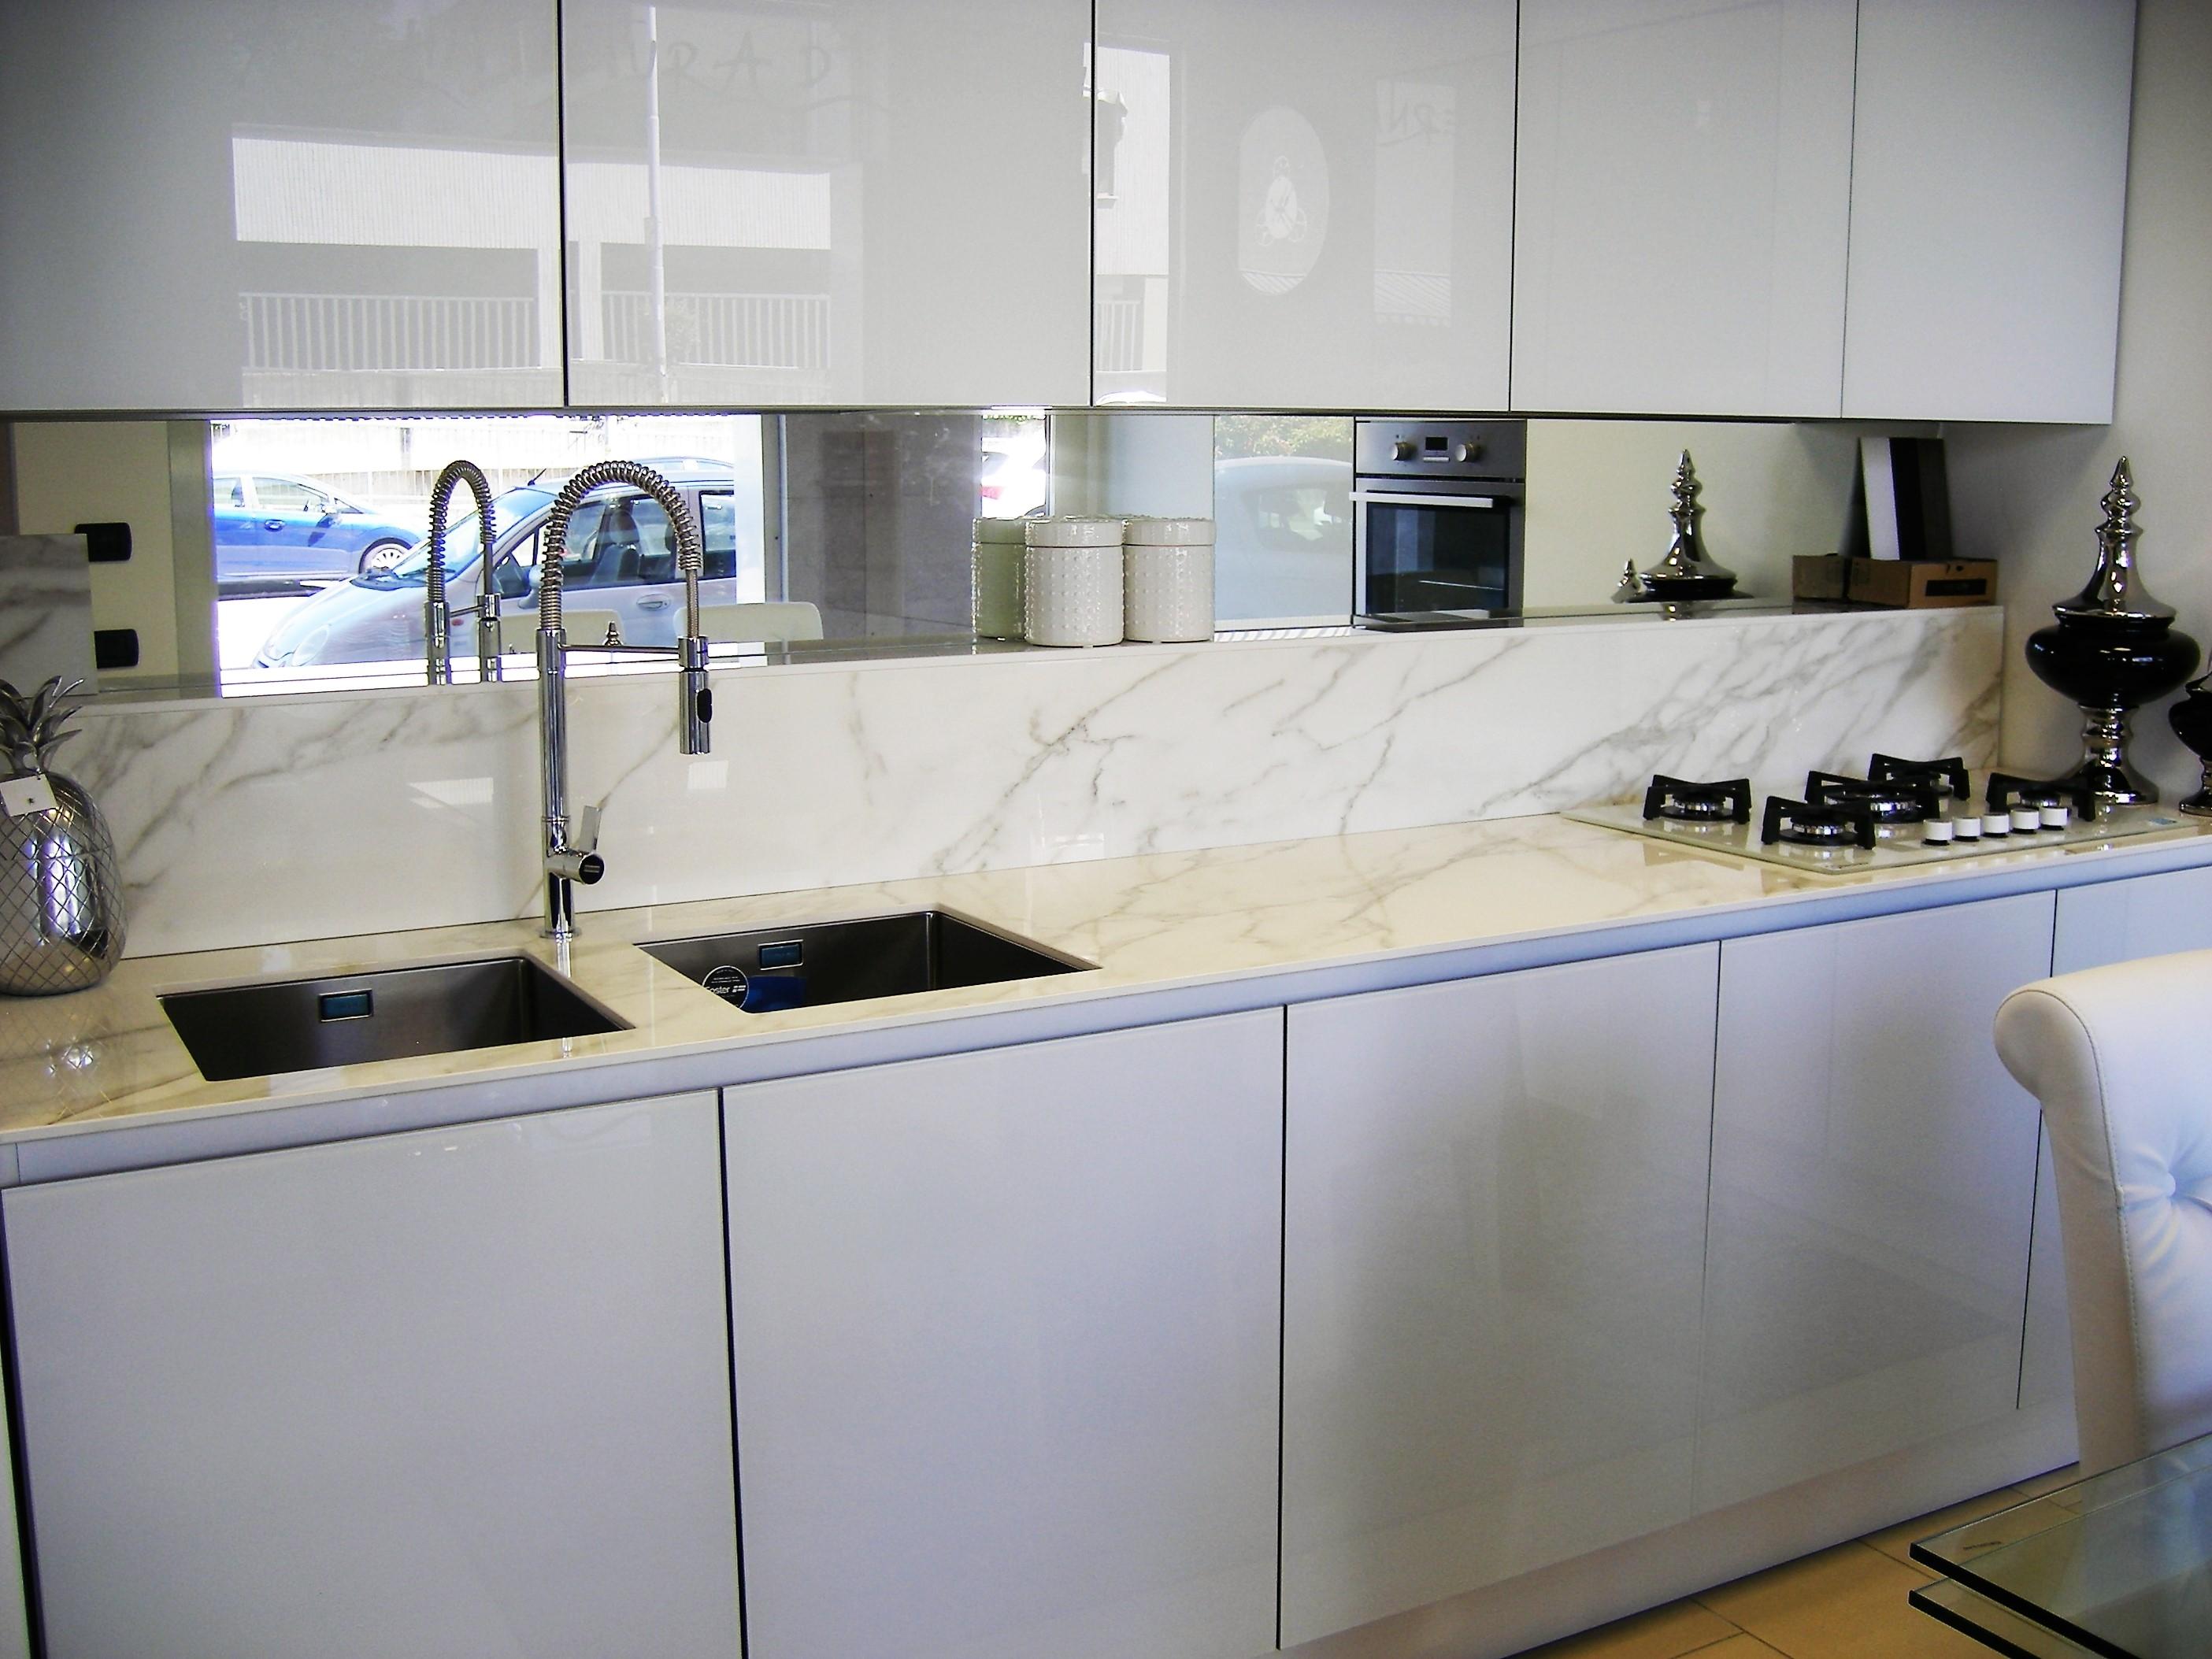 Cucina in vetro bianco lucido cucine a prezzi scontati - Cucine bianche lucide ...